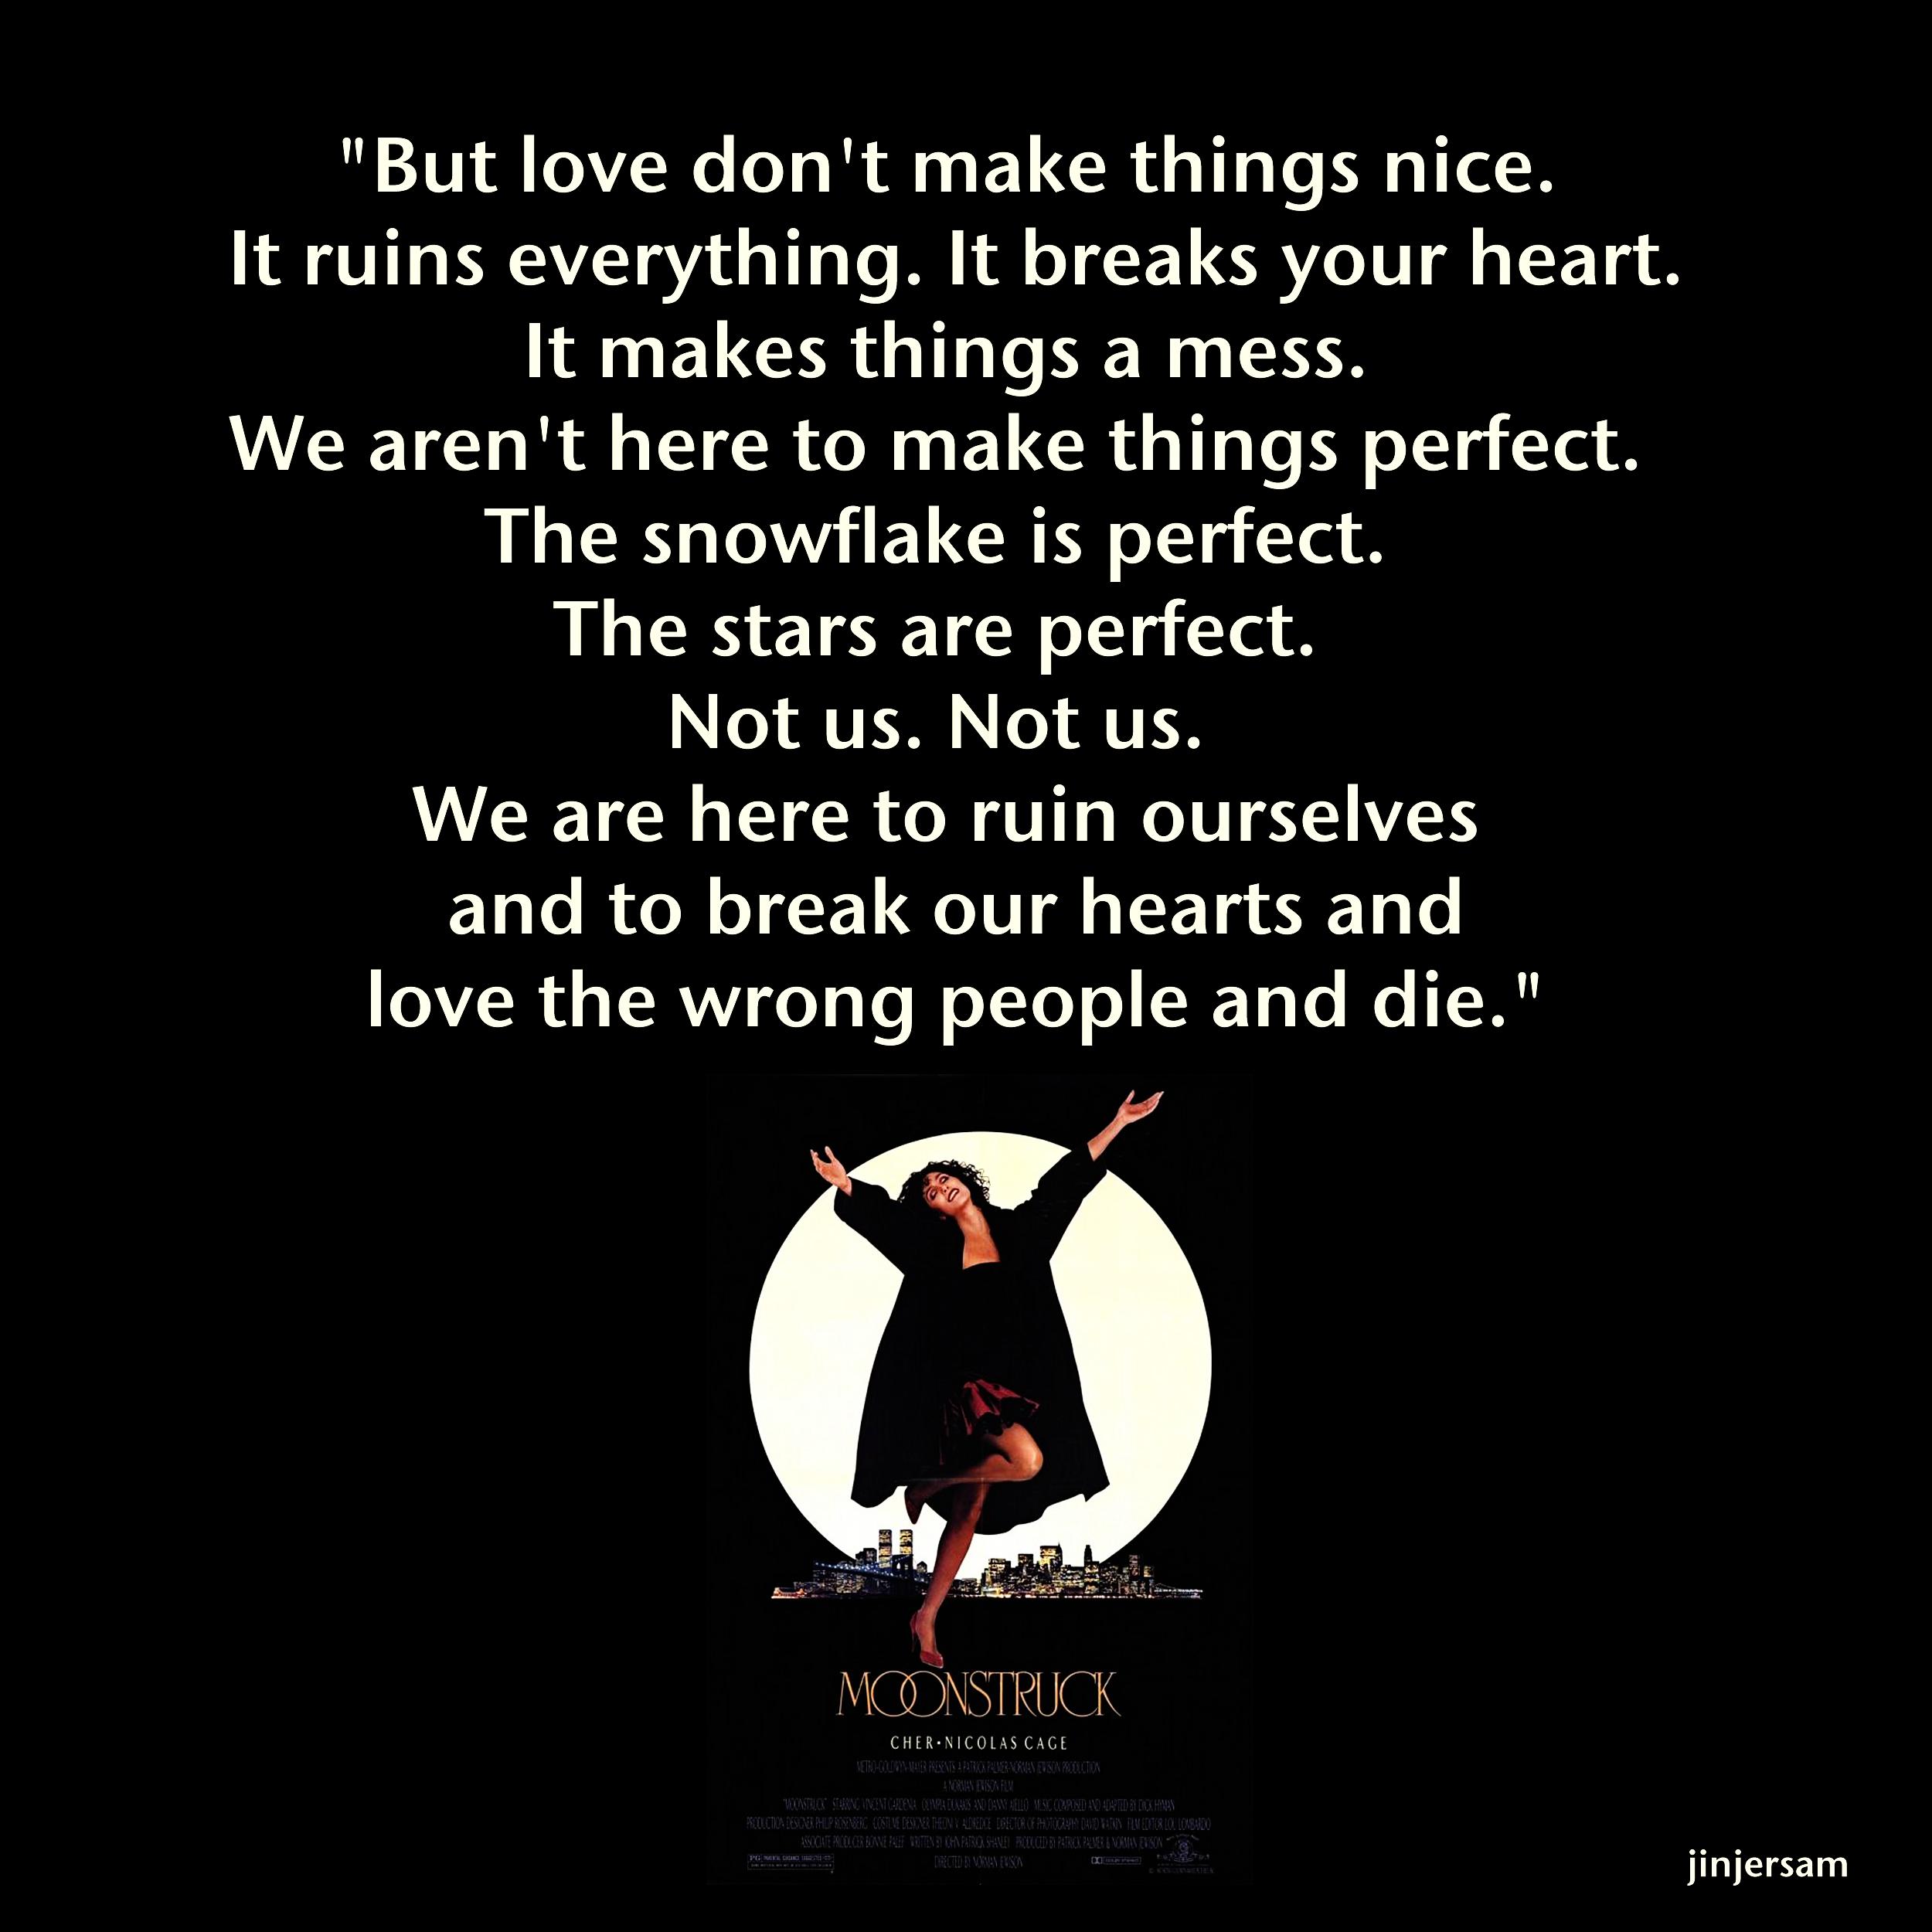 Moonstruck quote #2